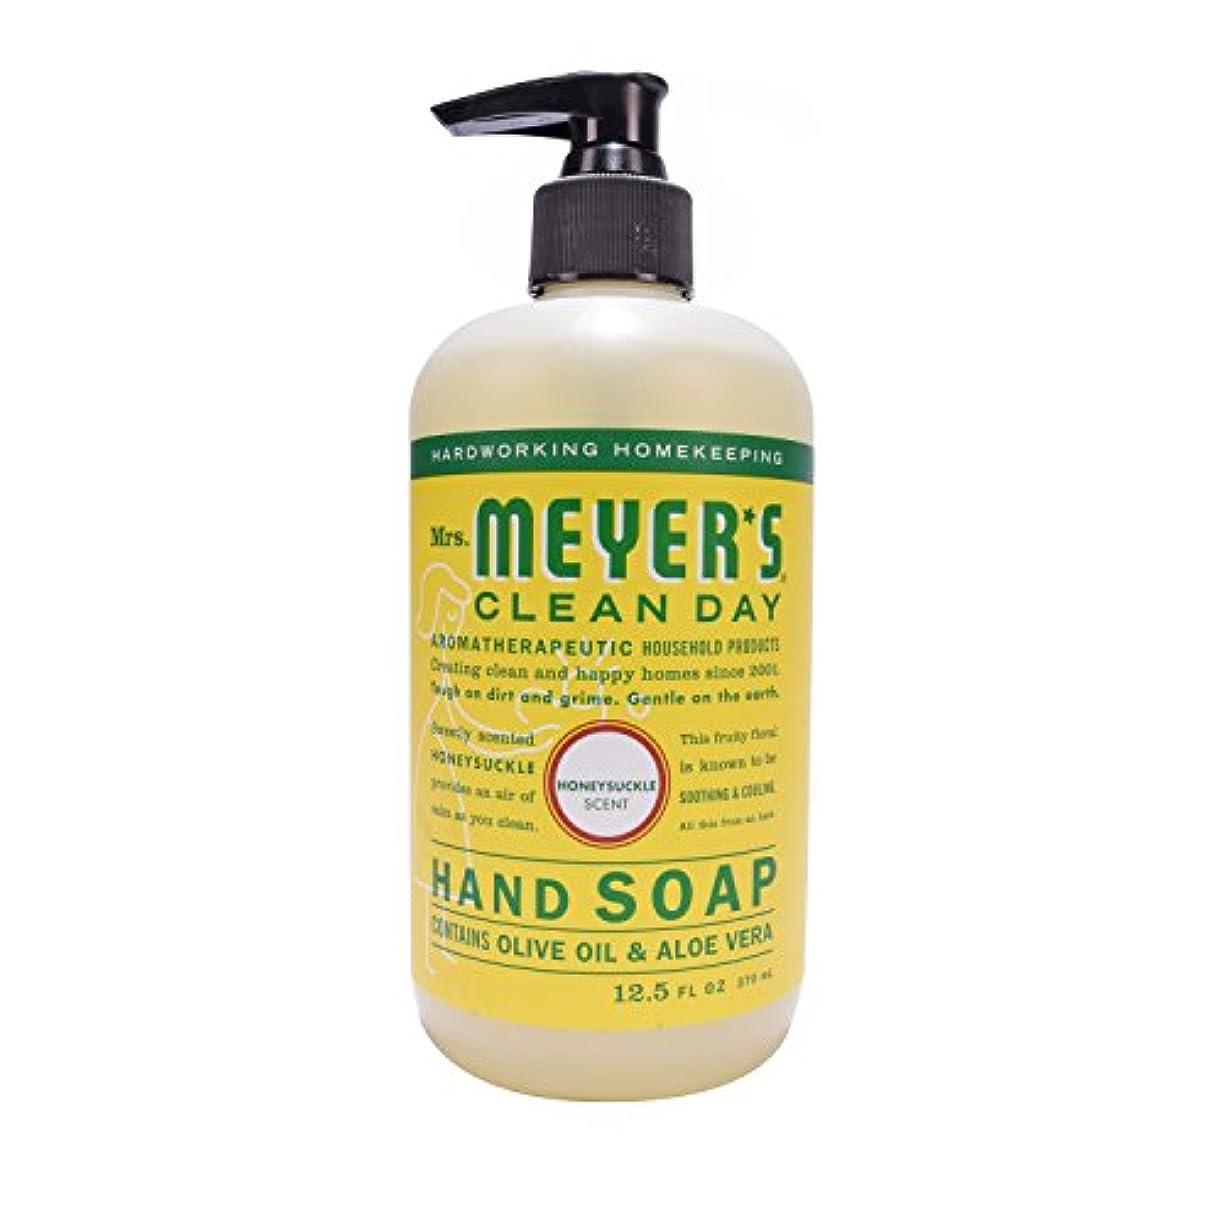 ラテン前方へスキャンダルMrs. Meyer's Clean Day Hand Soap Liquid, Honeysuckle, 12.5-Fluid Ounce Bottles by Mrs. Meyer's Clean Day